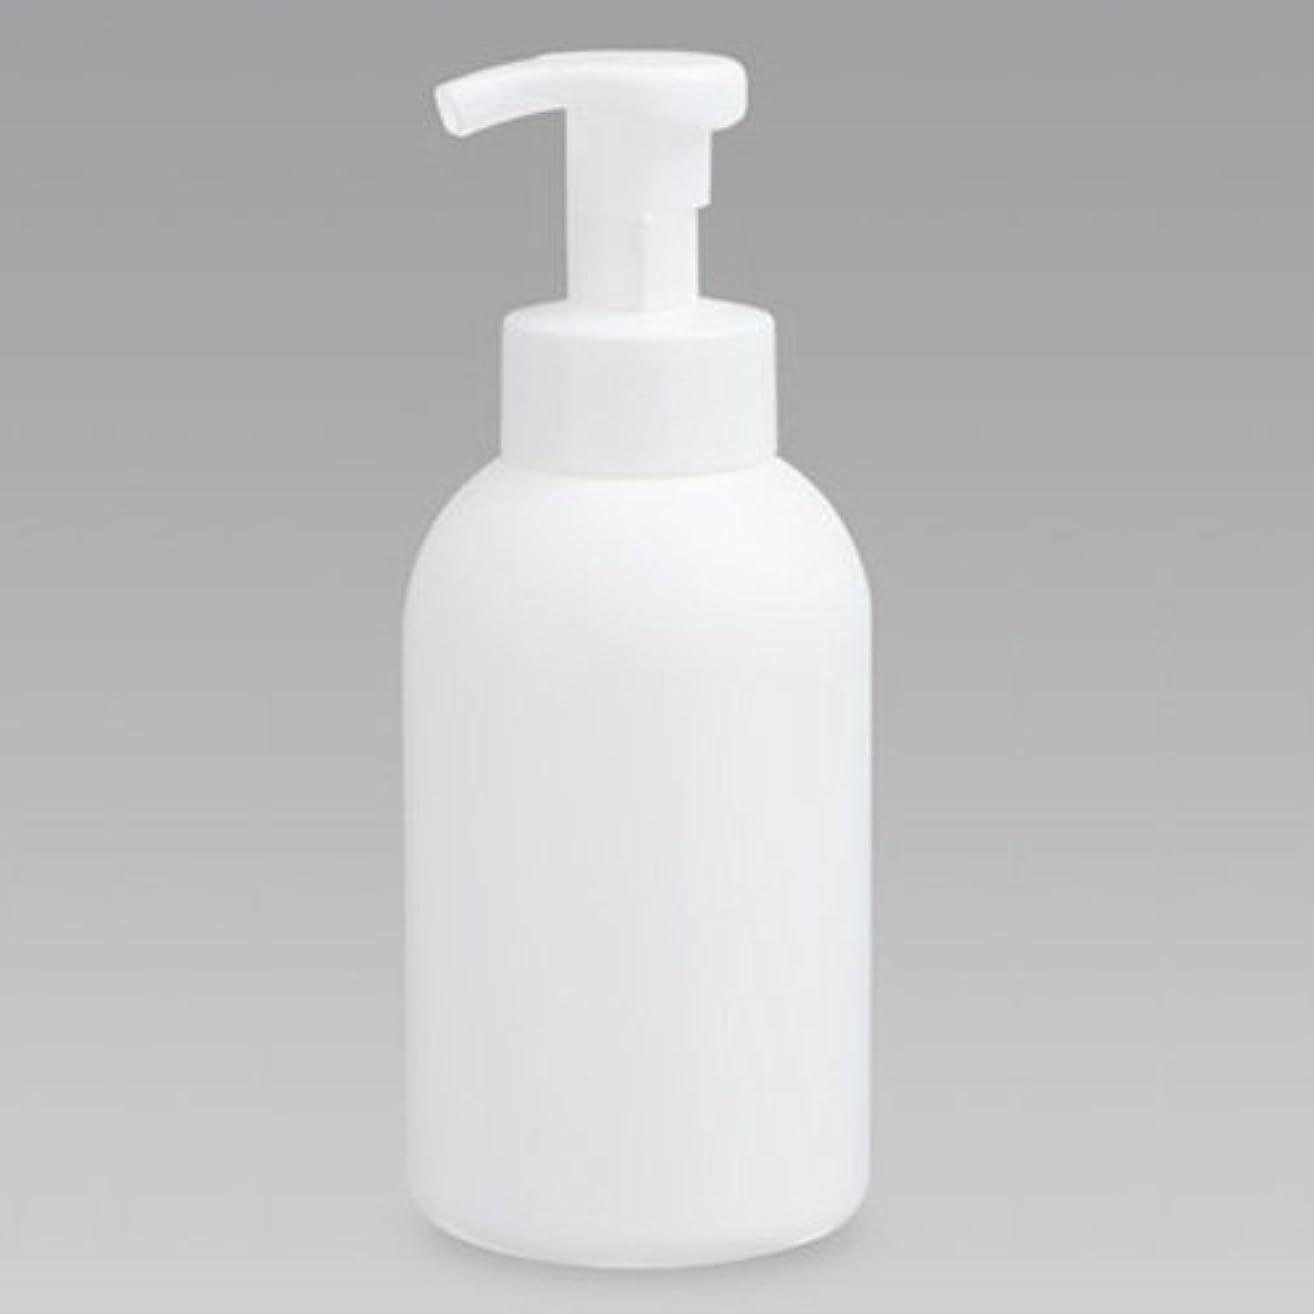 ジムガラガラ時間厳守泡ボトル 泡ポンプボトル 500mL(PE) ホワイト 詰め替え 詰替 泡ハンドソープ 全身石鹸 ボディソープ 洗顔フォーム